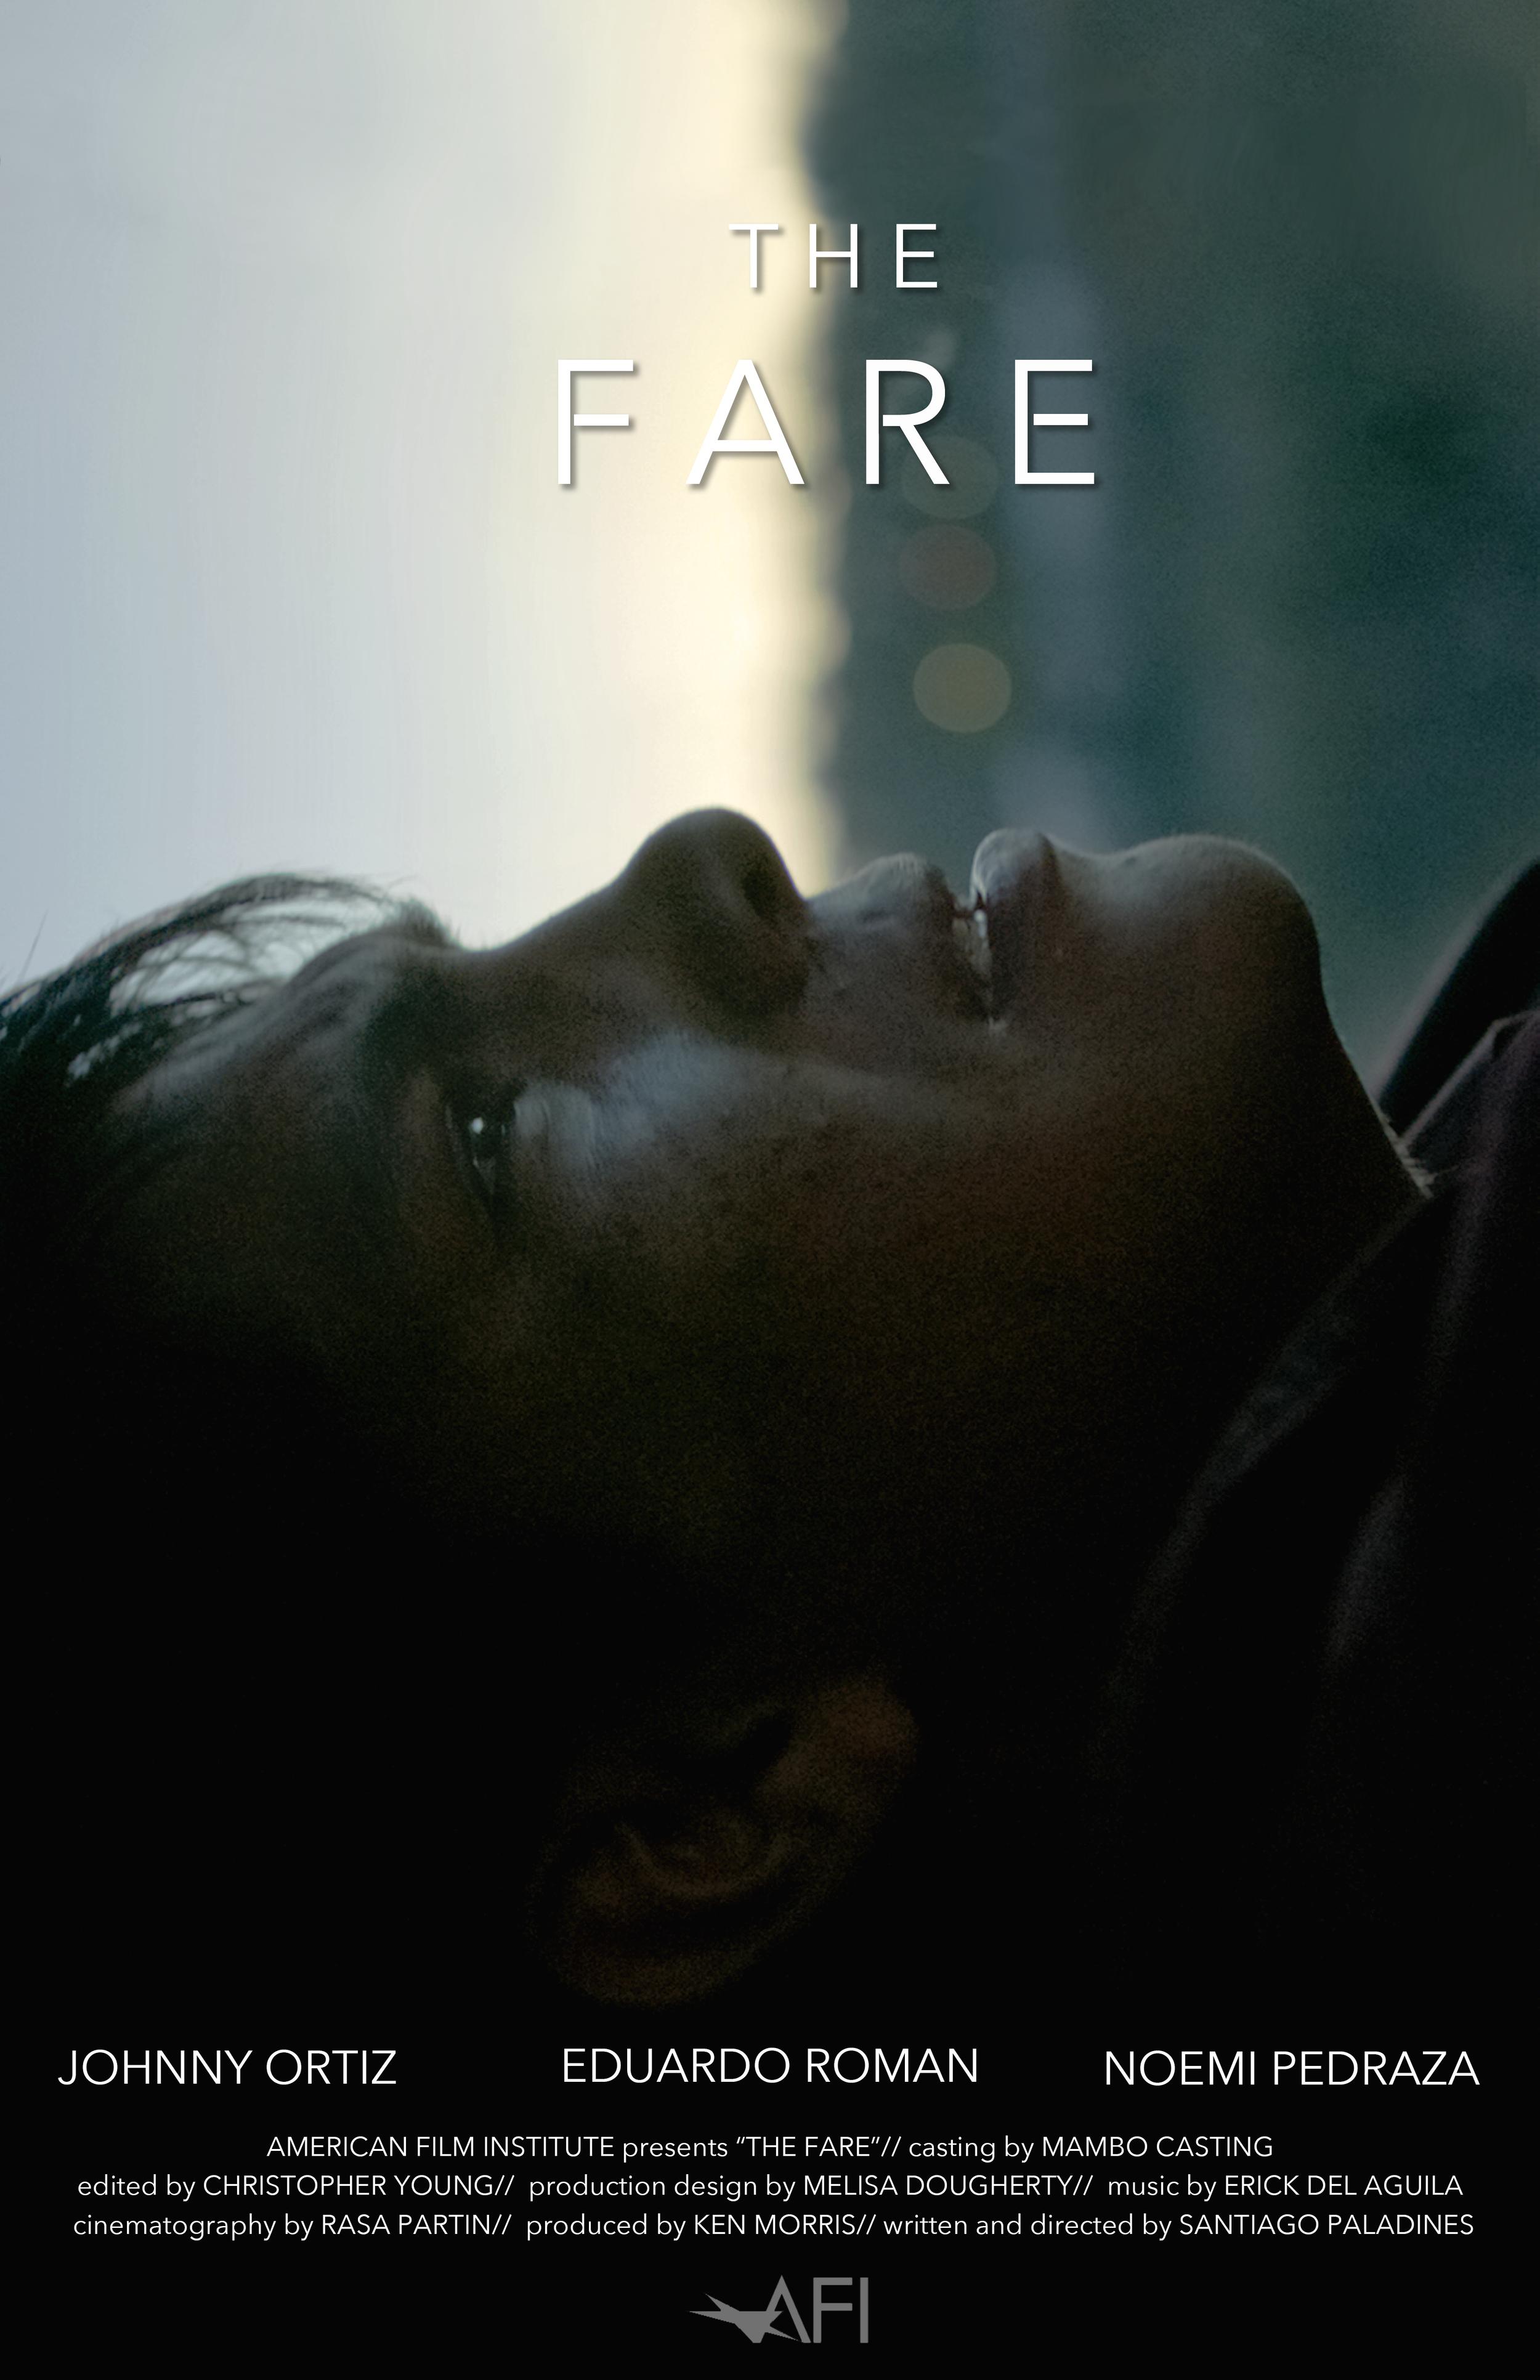 The Fare Poster